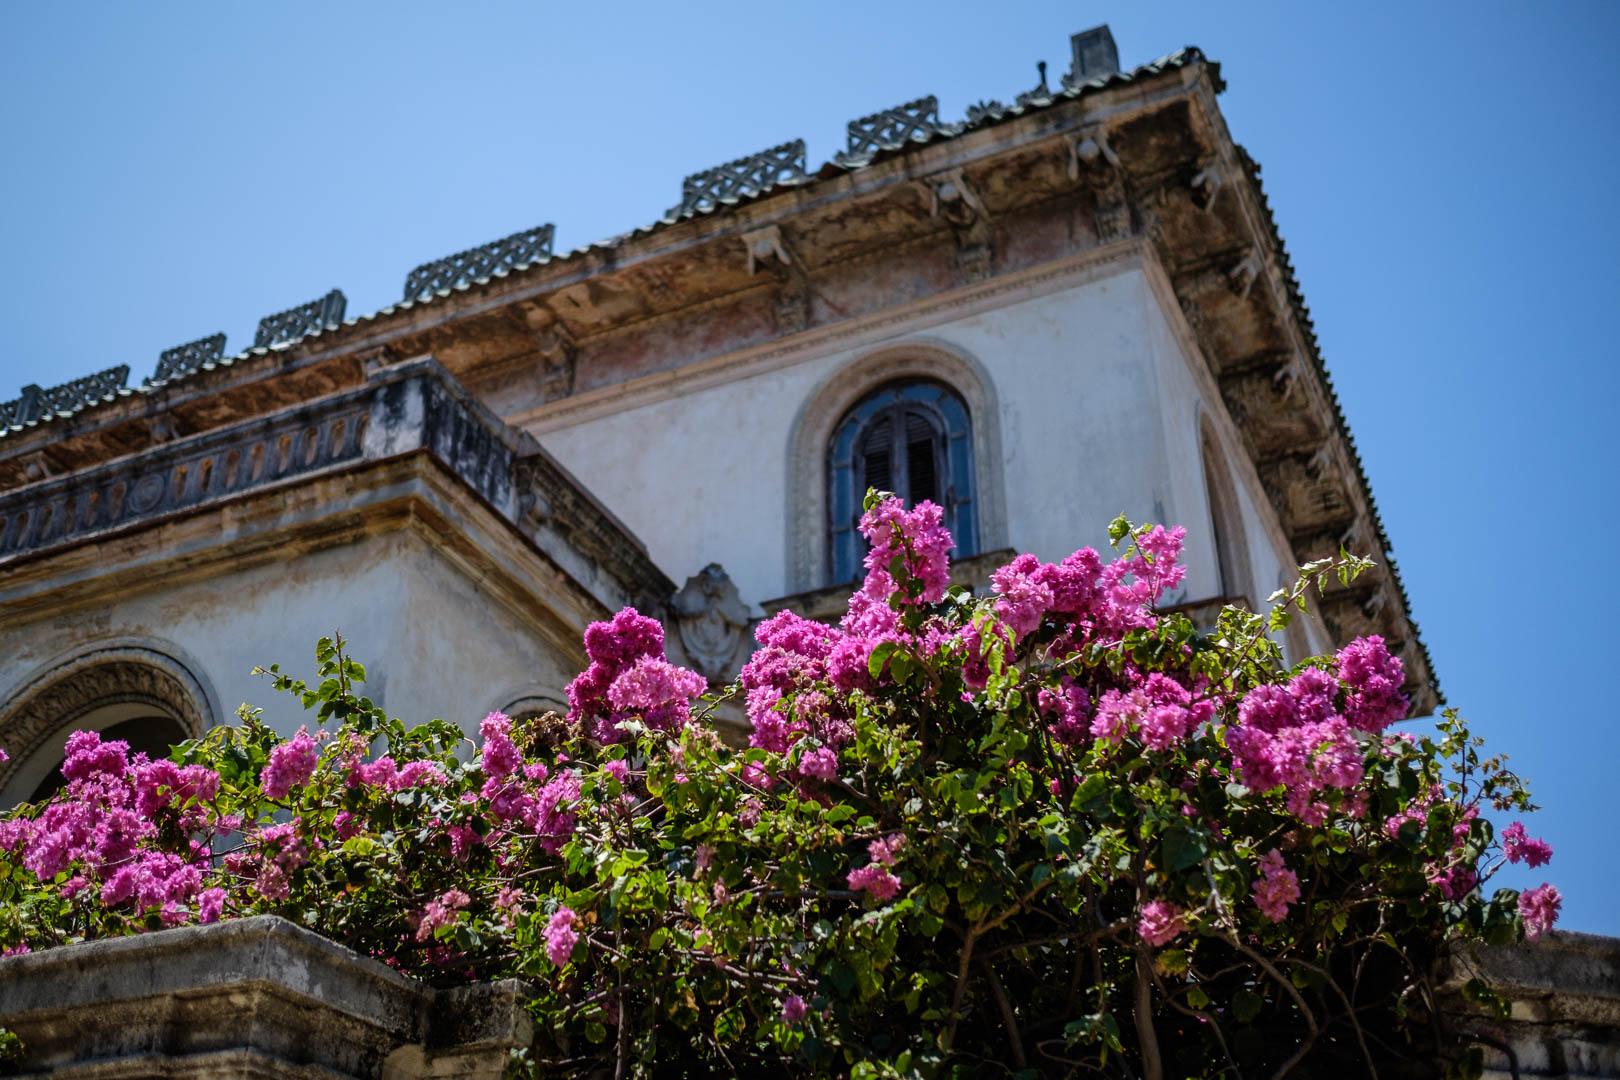 180501-Havana-159-1080.jpg